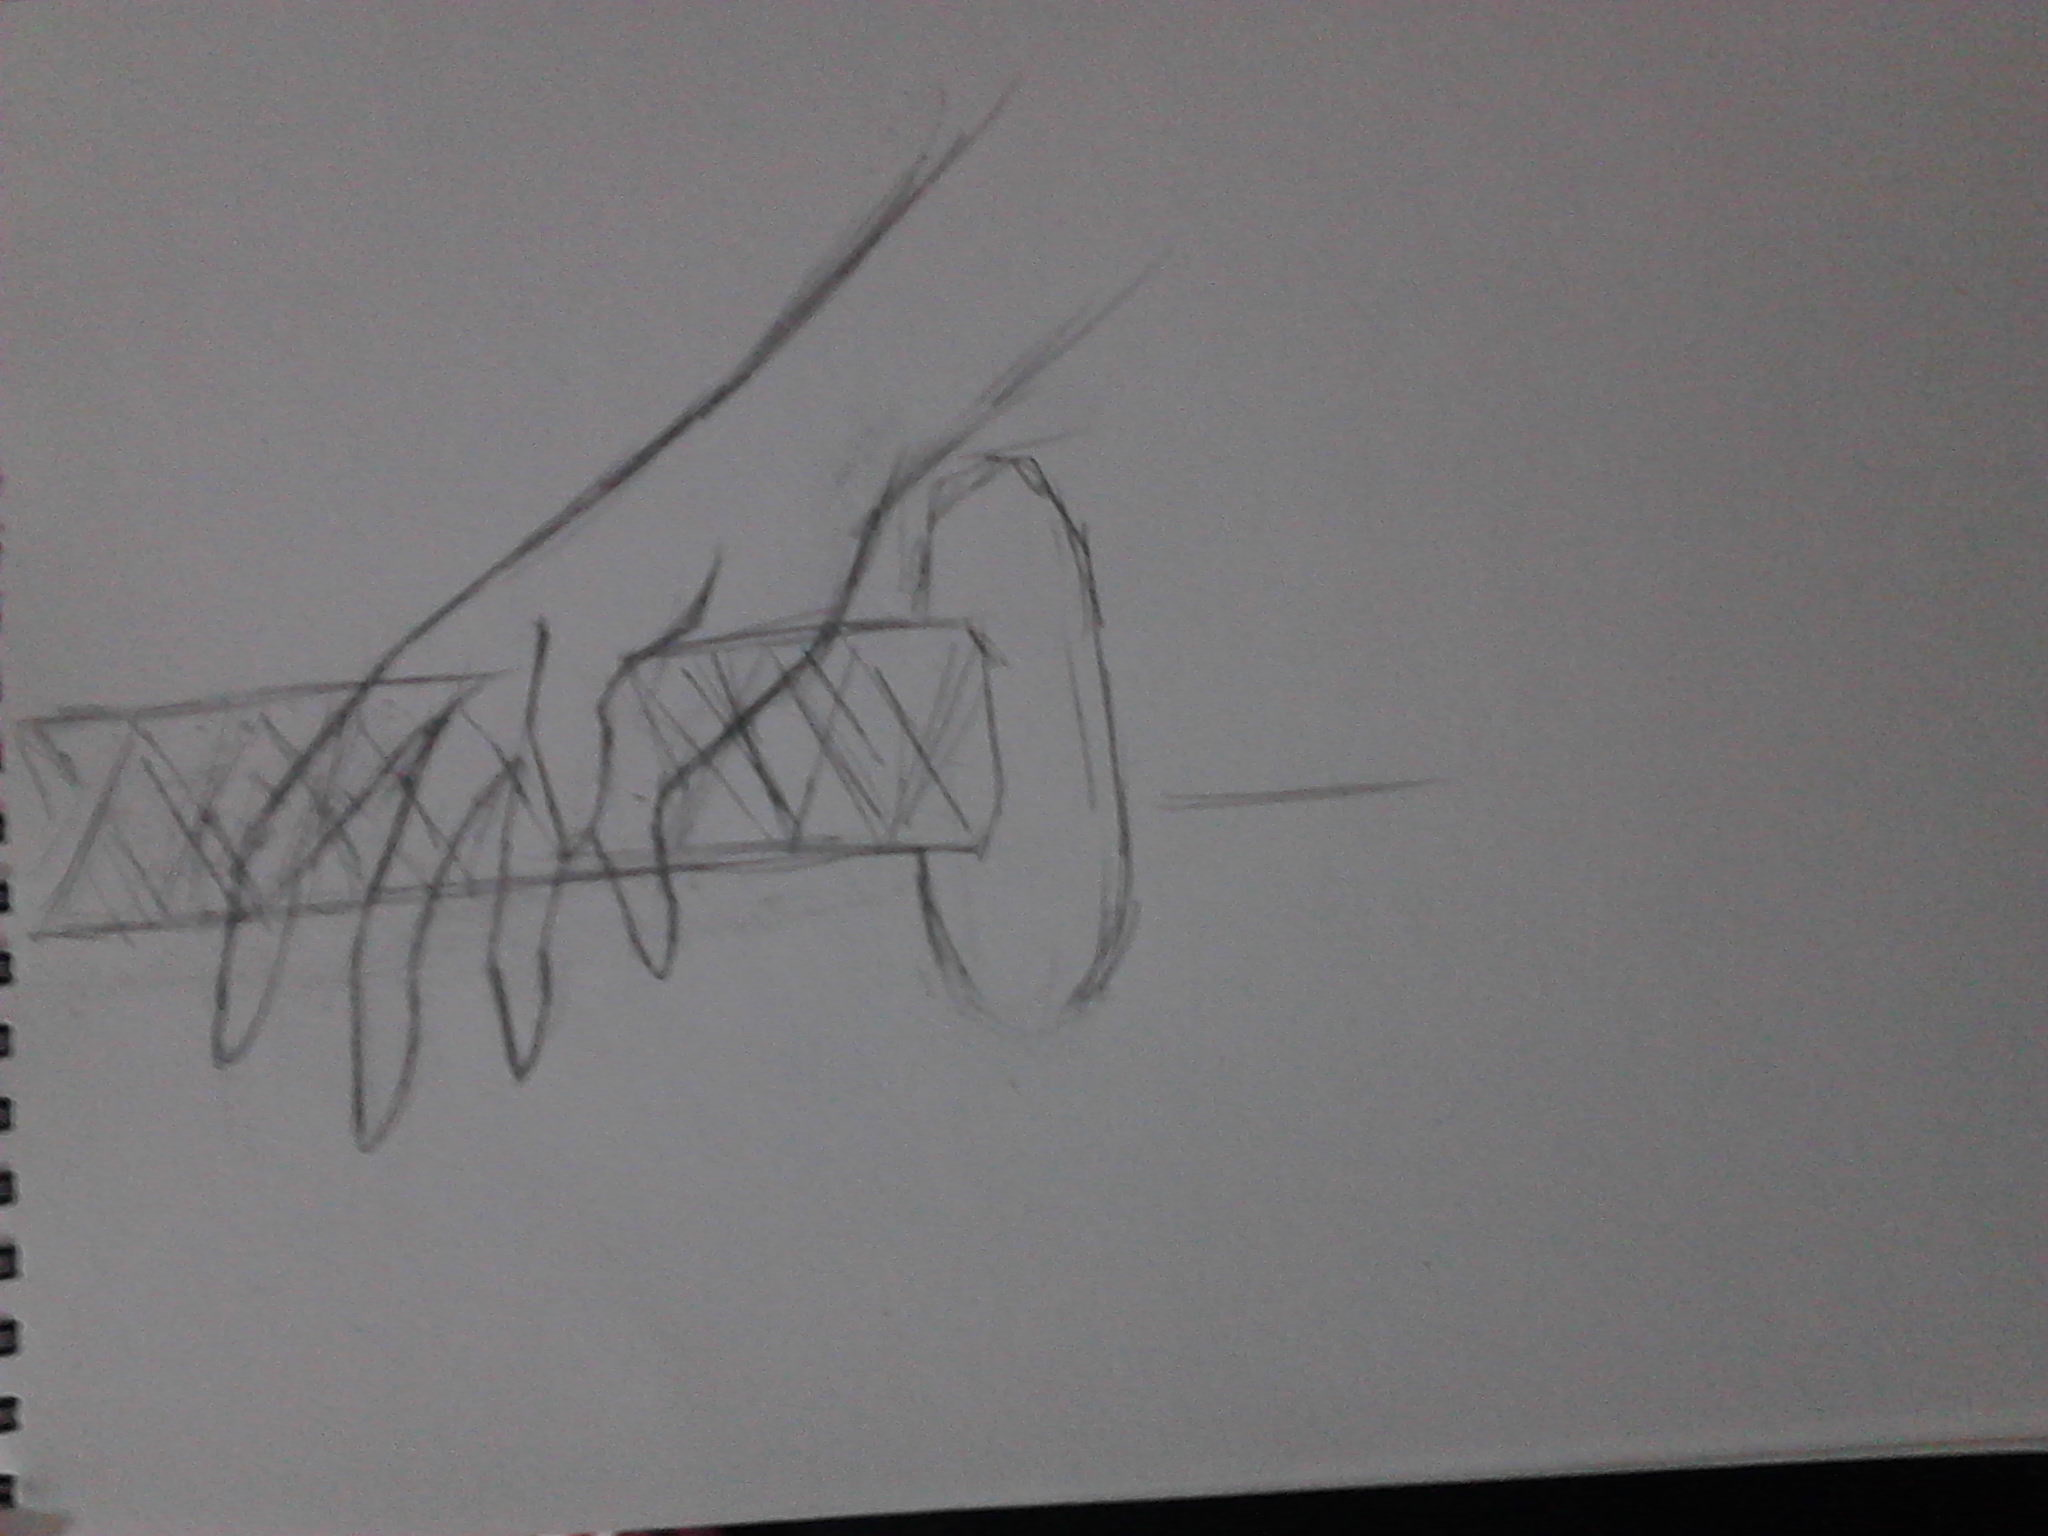 素描画手教学步骤图